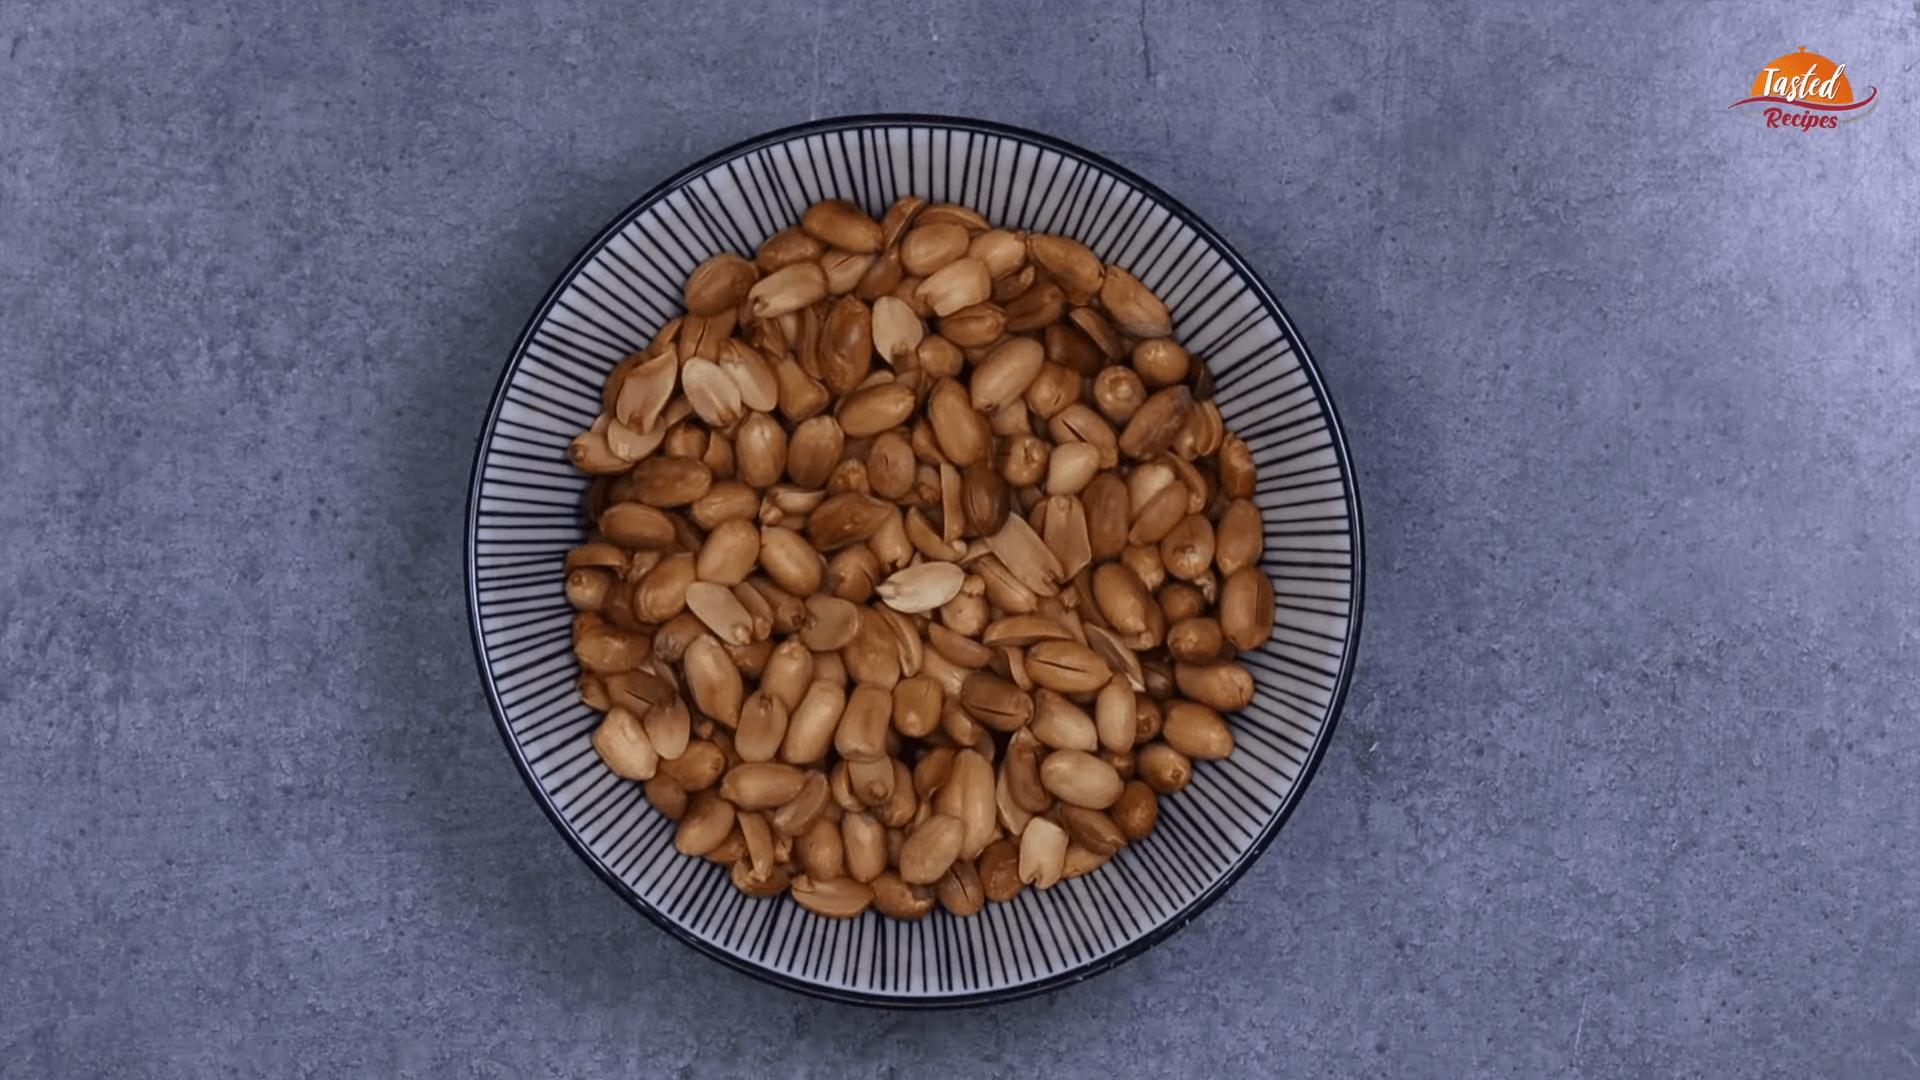 Crunchy Peanut Butter step-1